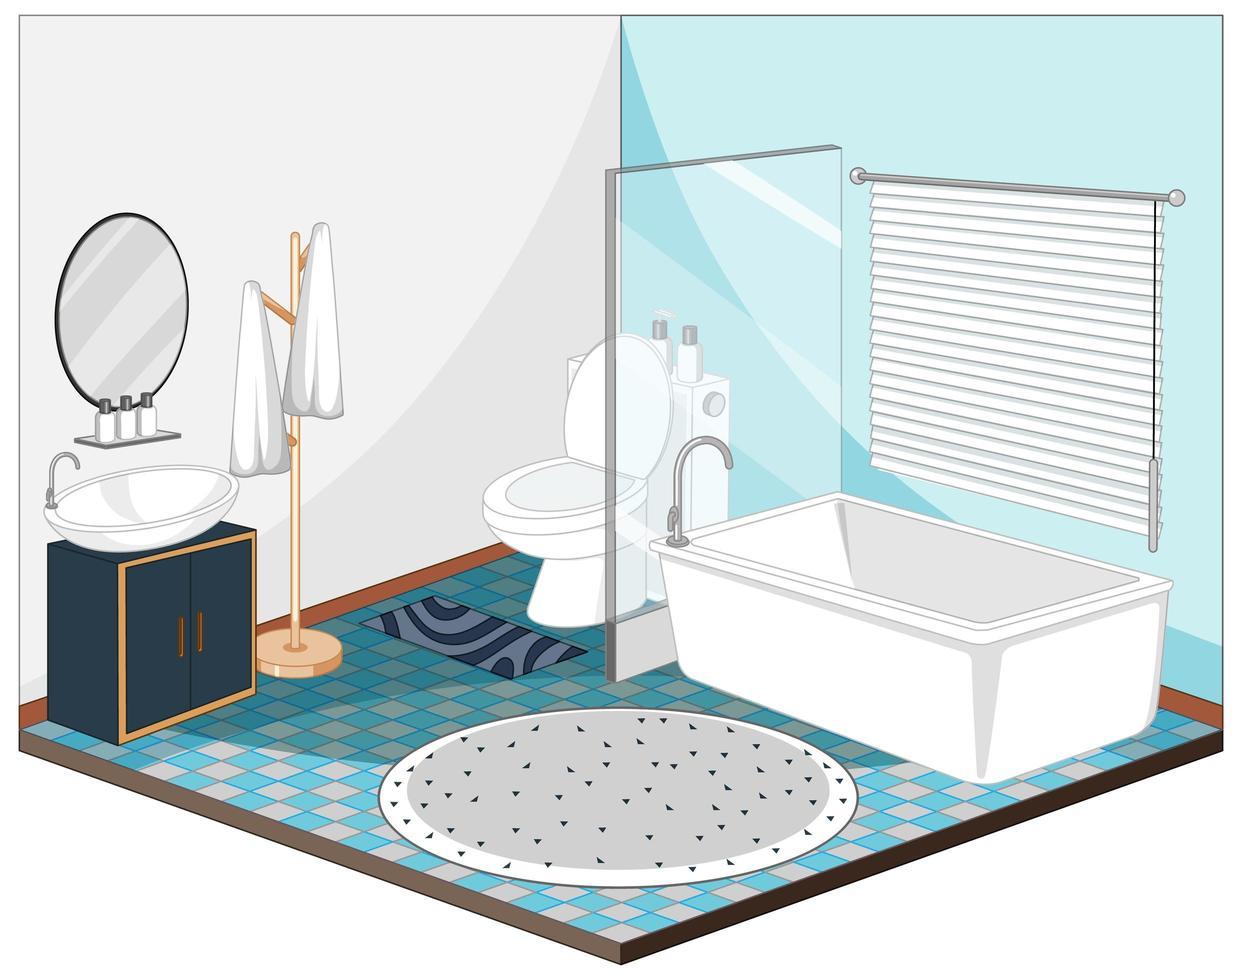 badrumsinredning med möbler i blått tema vektor